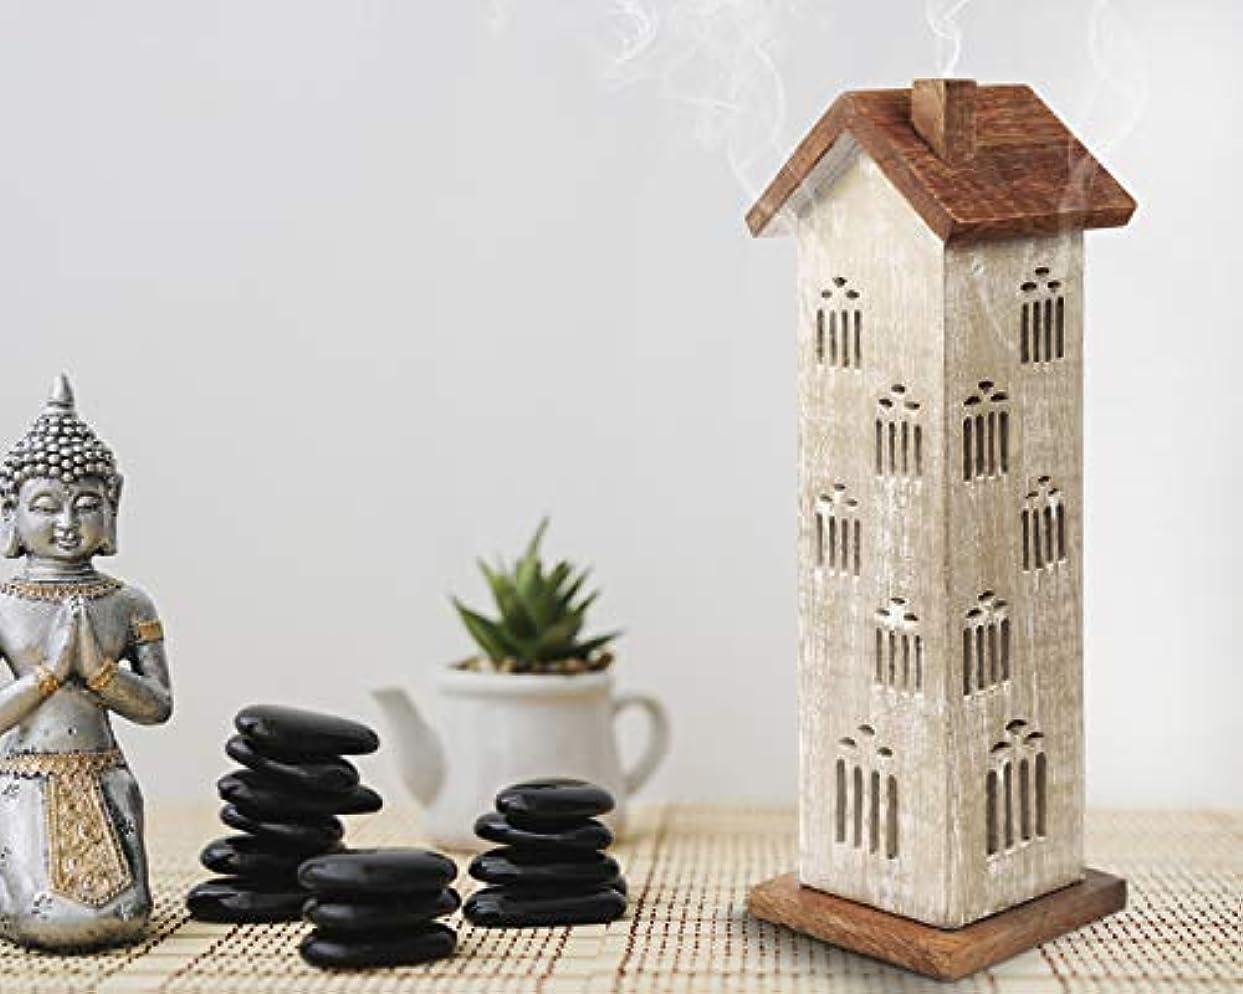 トレイ前文ねじれstoreindya 感謝祭ギフト 木製タワーハウスお香ホルダー アッシュキャッチャー付き 装飾的 無料 オーガニックお香3本